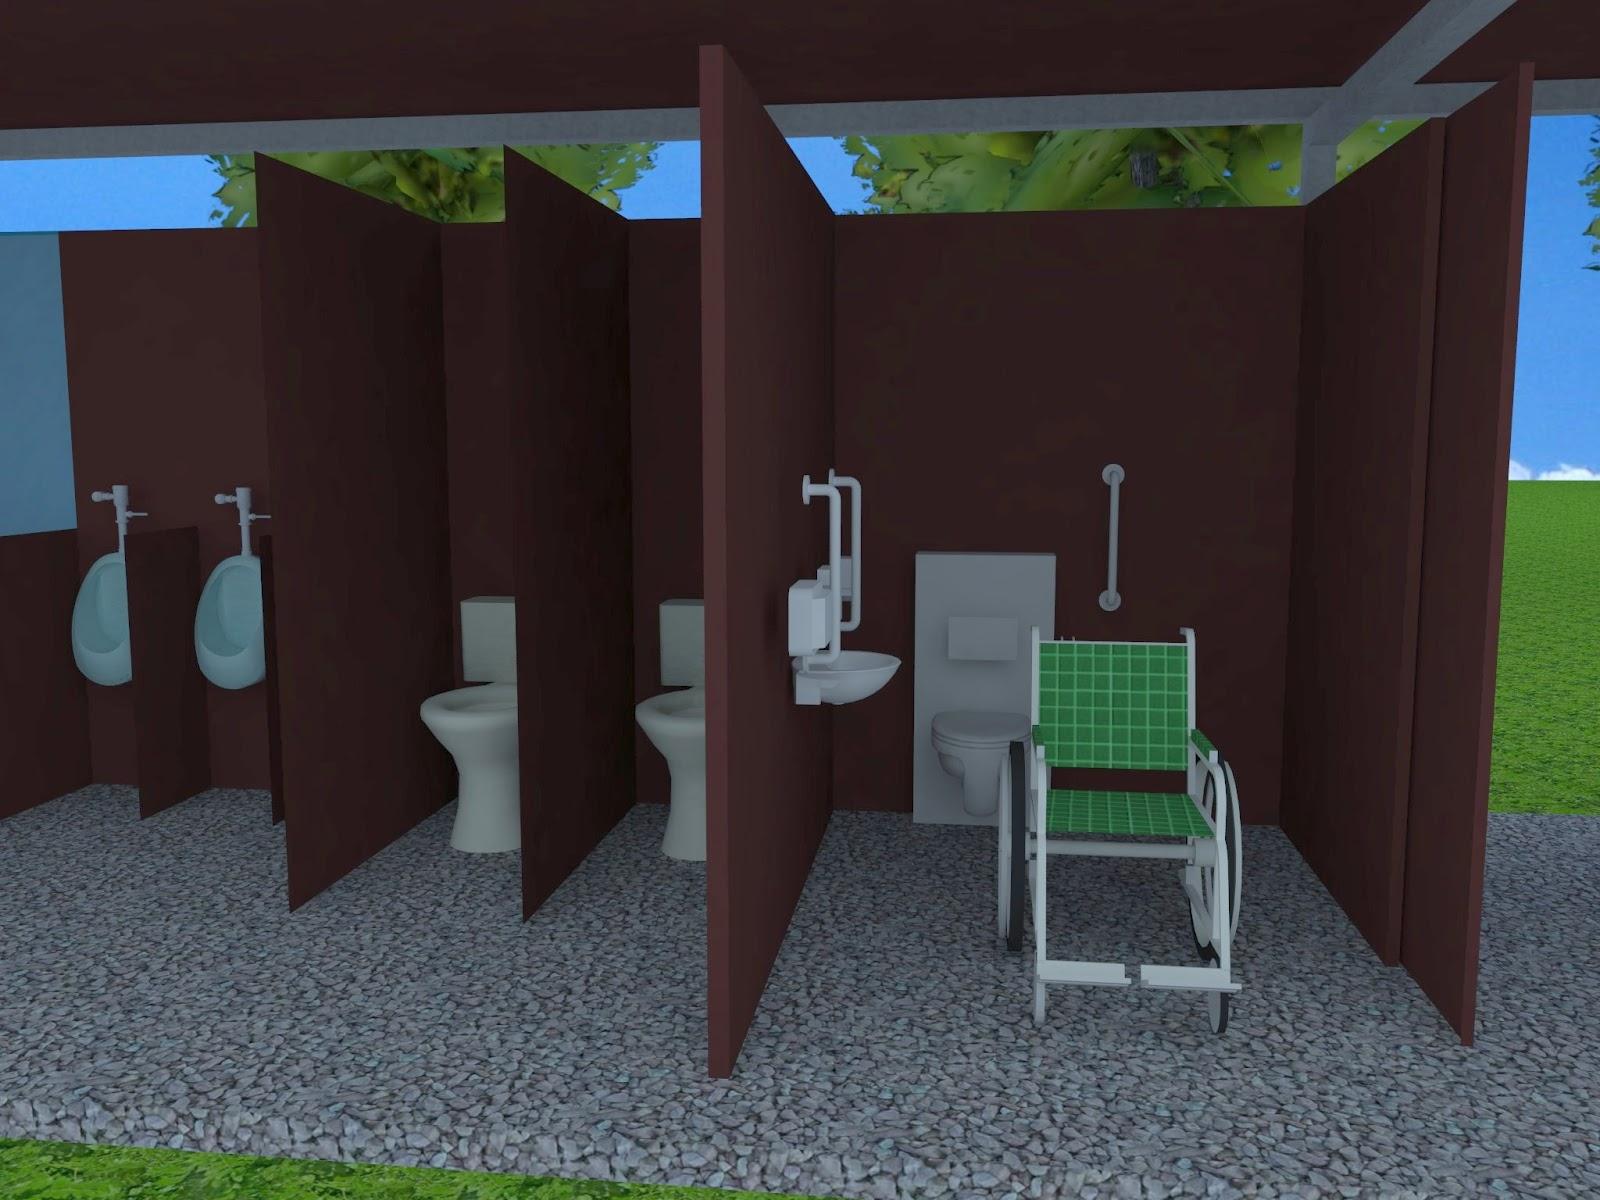 Baño Discapacitados Medidas:Para reducir los espacios interiores se decidió colocar las puertas